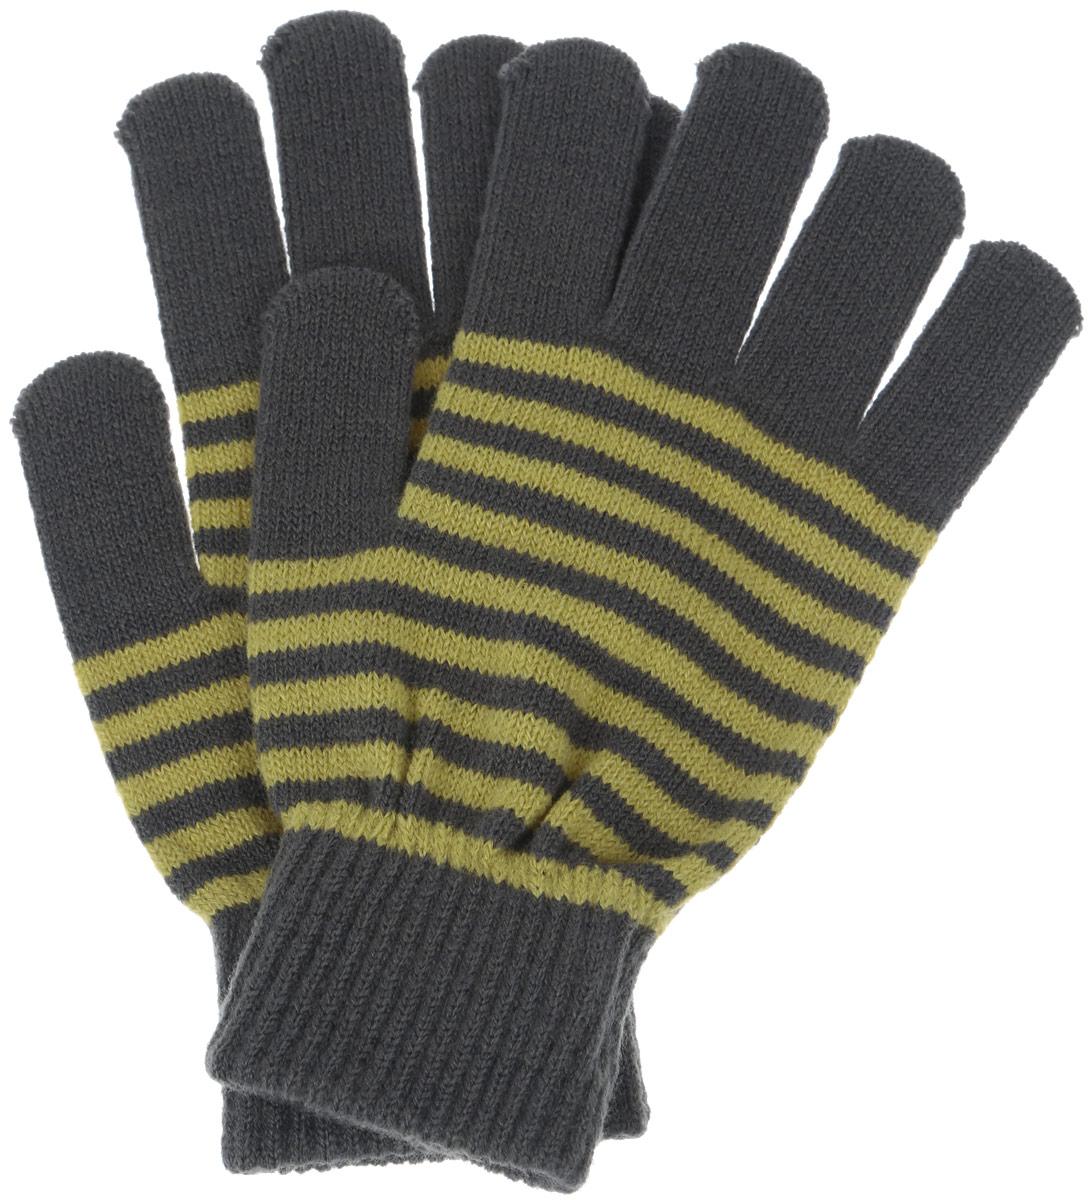 GL-843/052-6302Вязаные перчатки для мальчика Sela идеально подойдут для прогулок в прохладное время года. Изготовленные из высококачественного материала, очень мягкие и приятные на ощупь, не раздражают нежную кожу ребенка, обеспечивая ему наибольший комфорт, хорошо сохраняют тепло. Уютные трикотажные перчатки оформлены разноцветными горизонтальными полосками. Верх модели на мягкой резинке, которая не стягивает запястья и надежно фиксирующими перчатки на руках ребенка. Современный дизайн и расцветка делают эти перчатки модным и стильным предметом детского гардероба. В них ваш ребенок будет чувствовать себя уютно и комфортно.